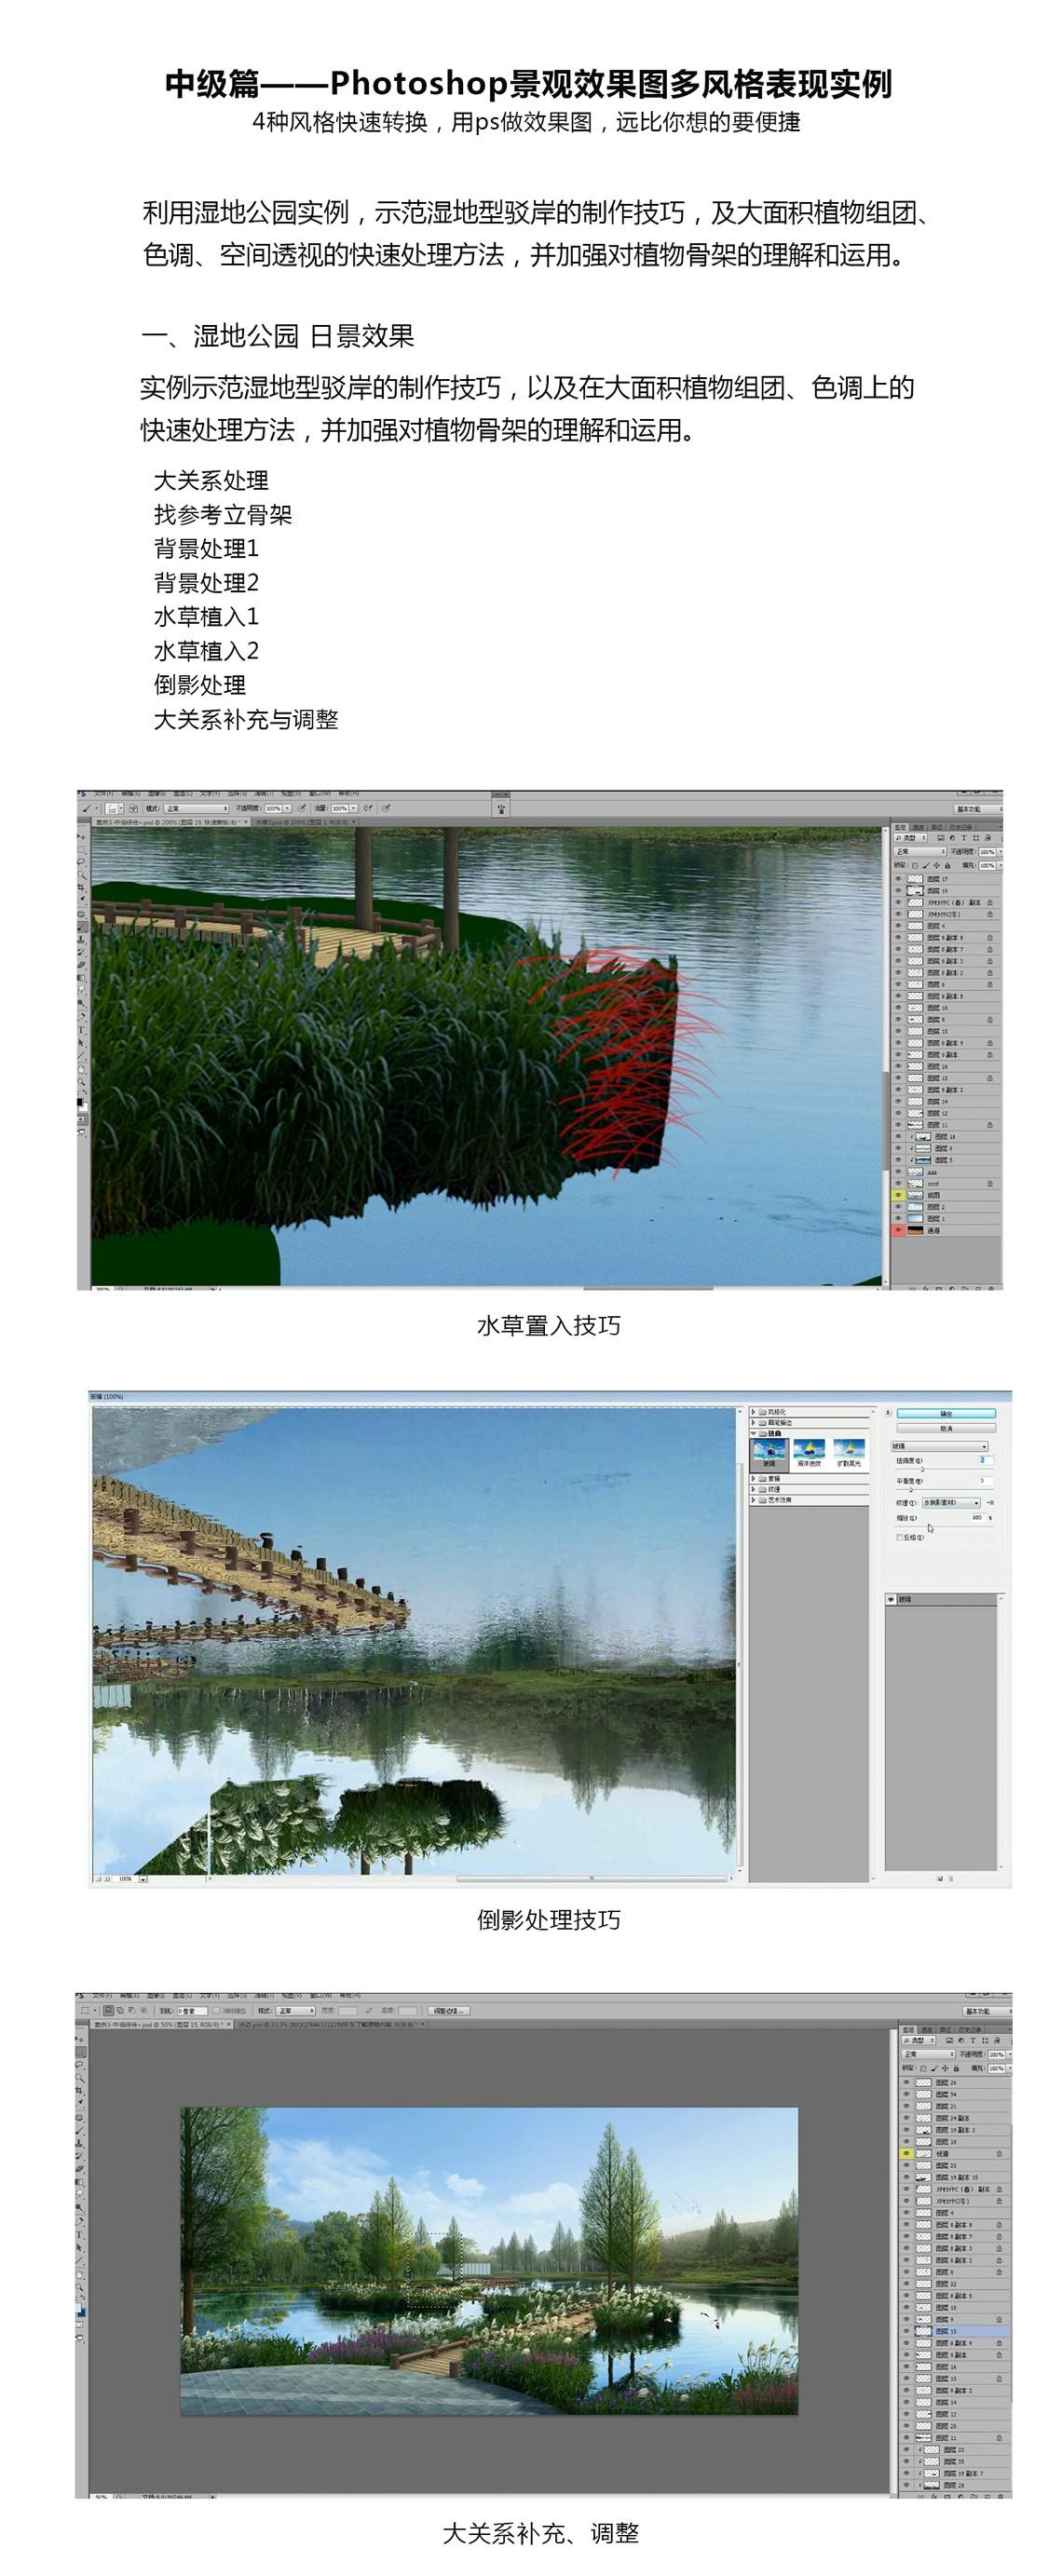 湿地公园,日景效果,Photoshop景观效果图,景观效果图表现,ps景观效果图